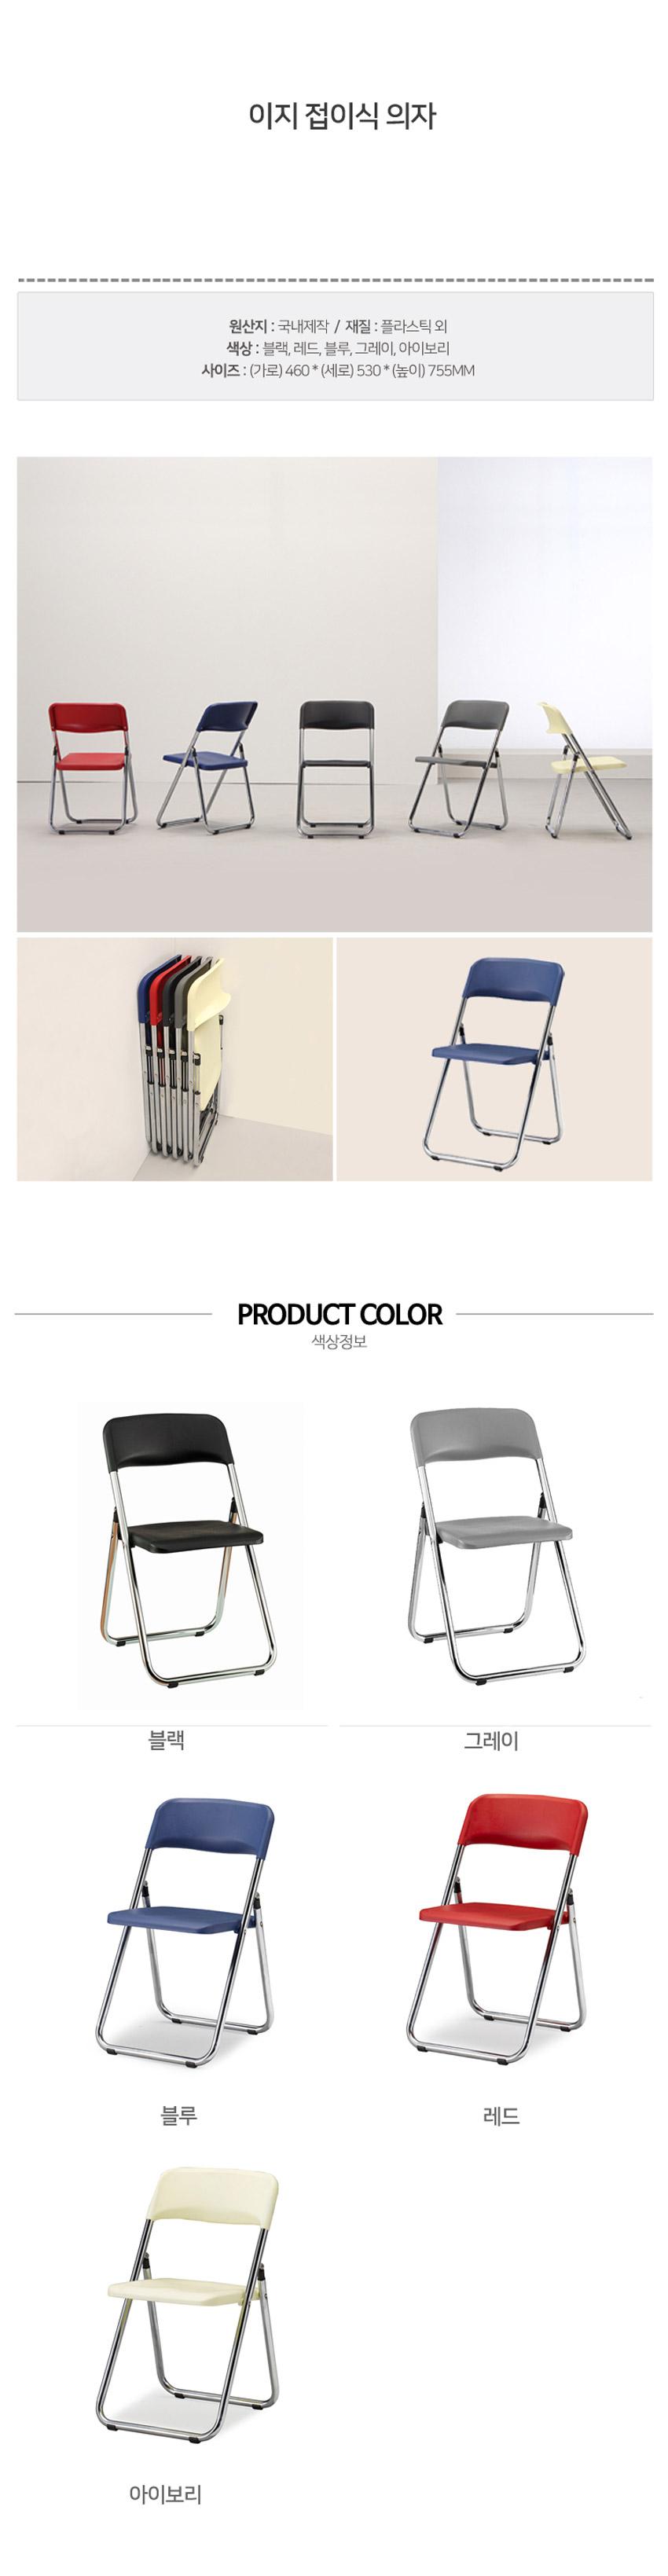 이지 접이식 의자 - 히트디자인, 66,000원, 디자인 의자, 인테리어의자